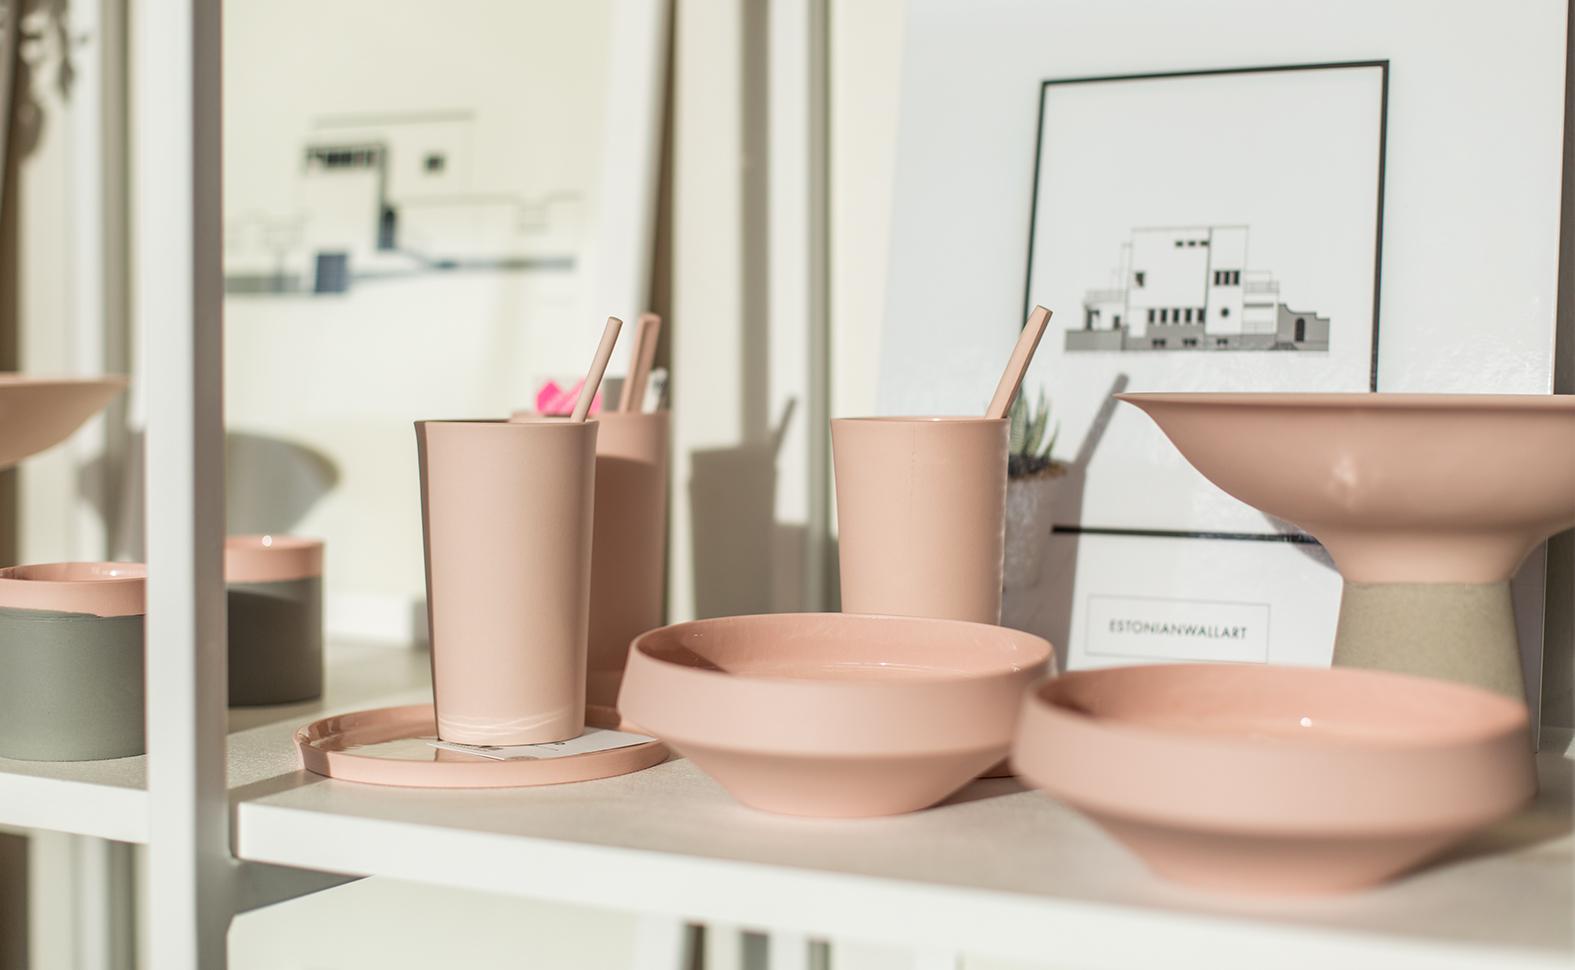 Sisustusliike Tali Design on tyylikkäitä sisustustuotteita etsivän valinta.